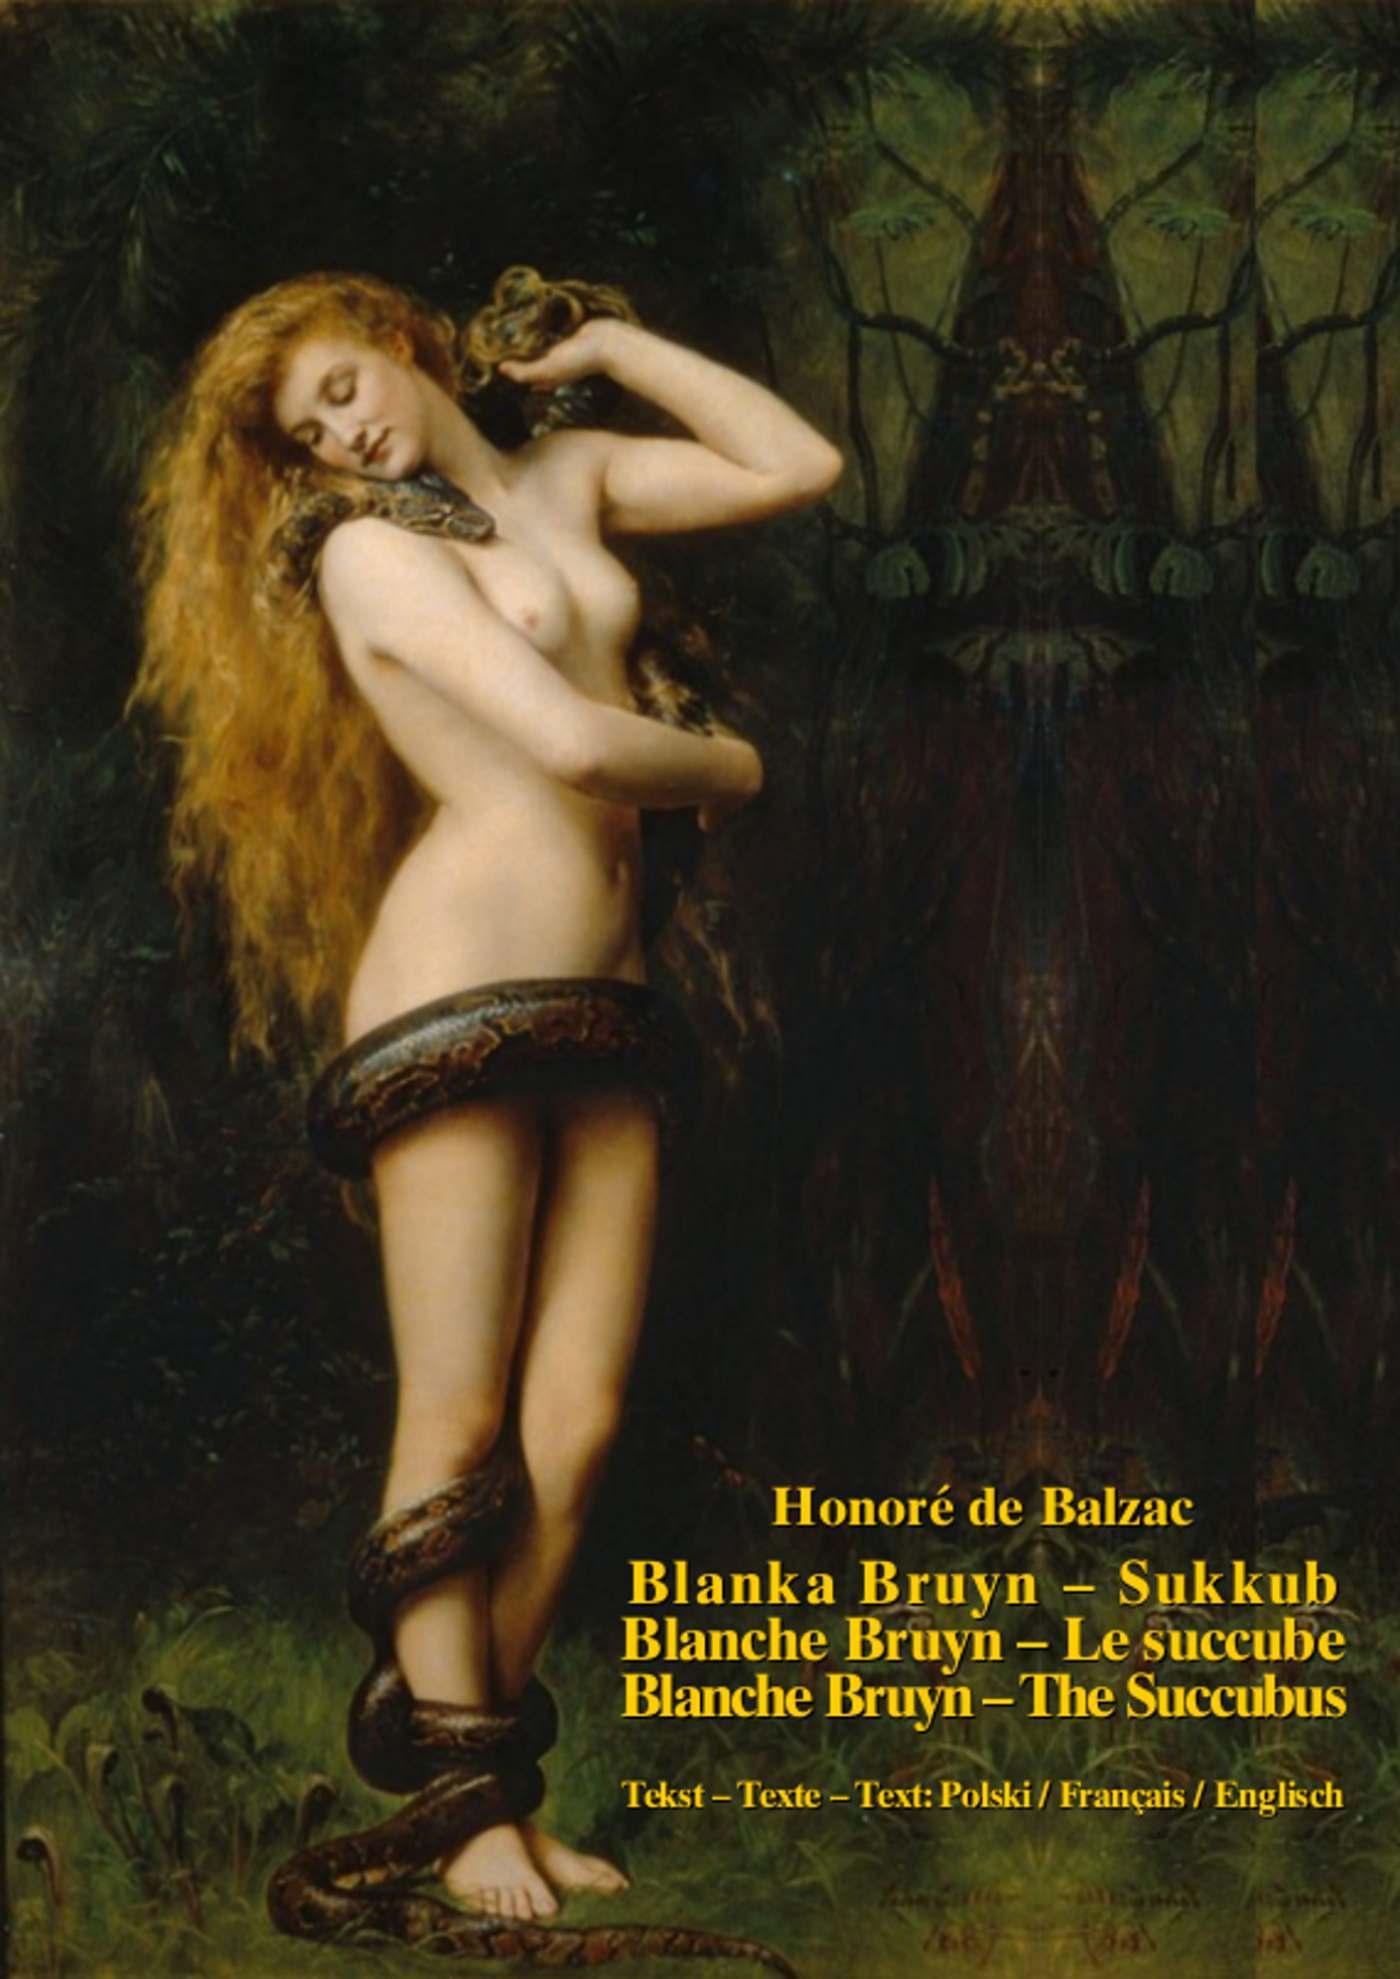 Blanka Bruyn – Sukkub. Blanche Bruyn – Le succube. Blanche Bruyn – The Succubus - Ebook (Książka EPUB) do pobrania w formacie EPUB